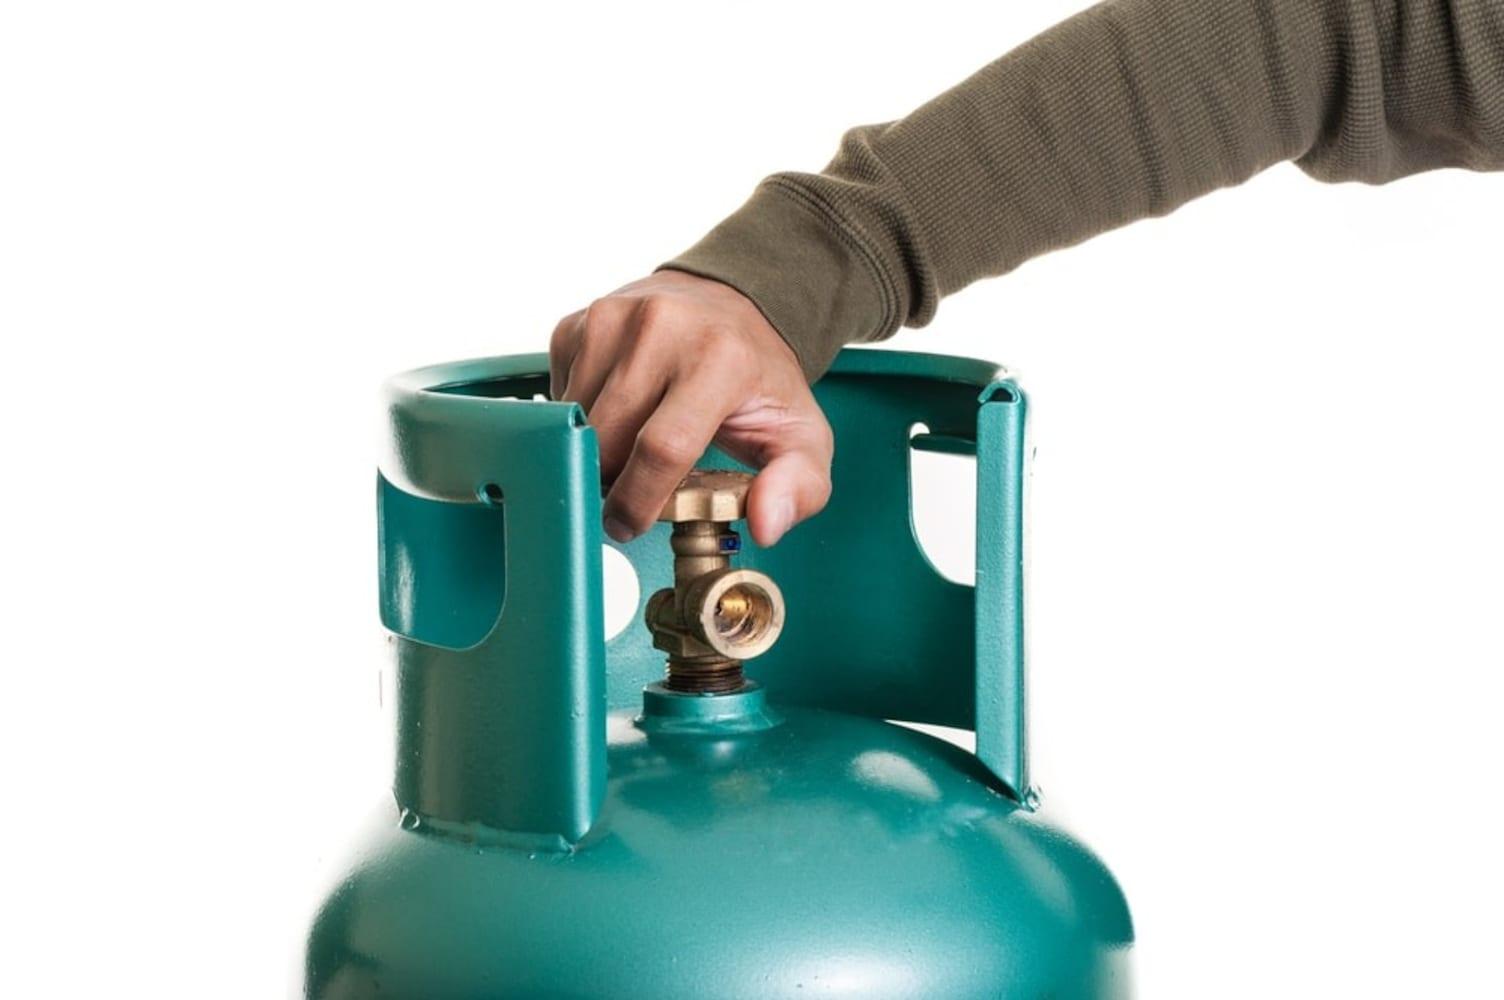 ガス種|プロパンガス?都市ガス?熱量の違いをチェック